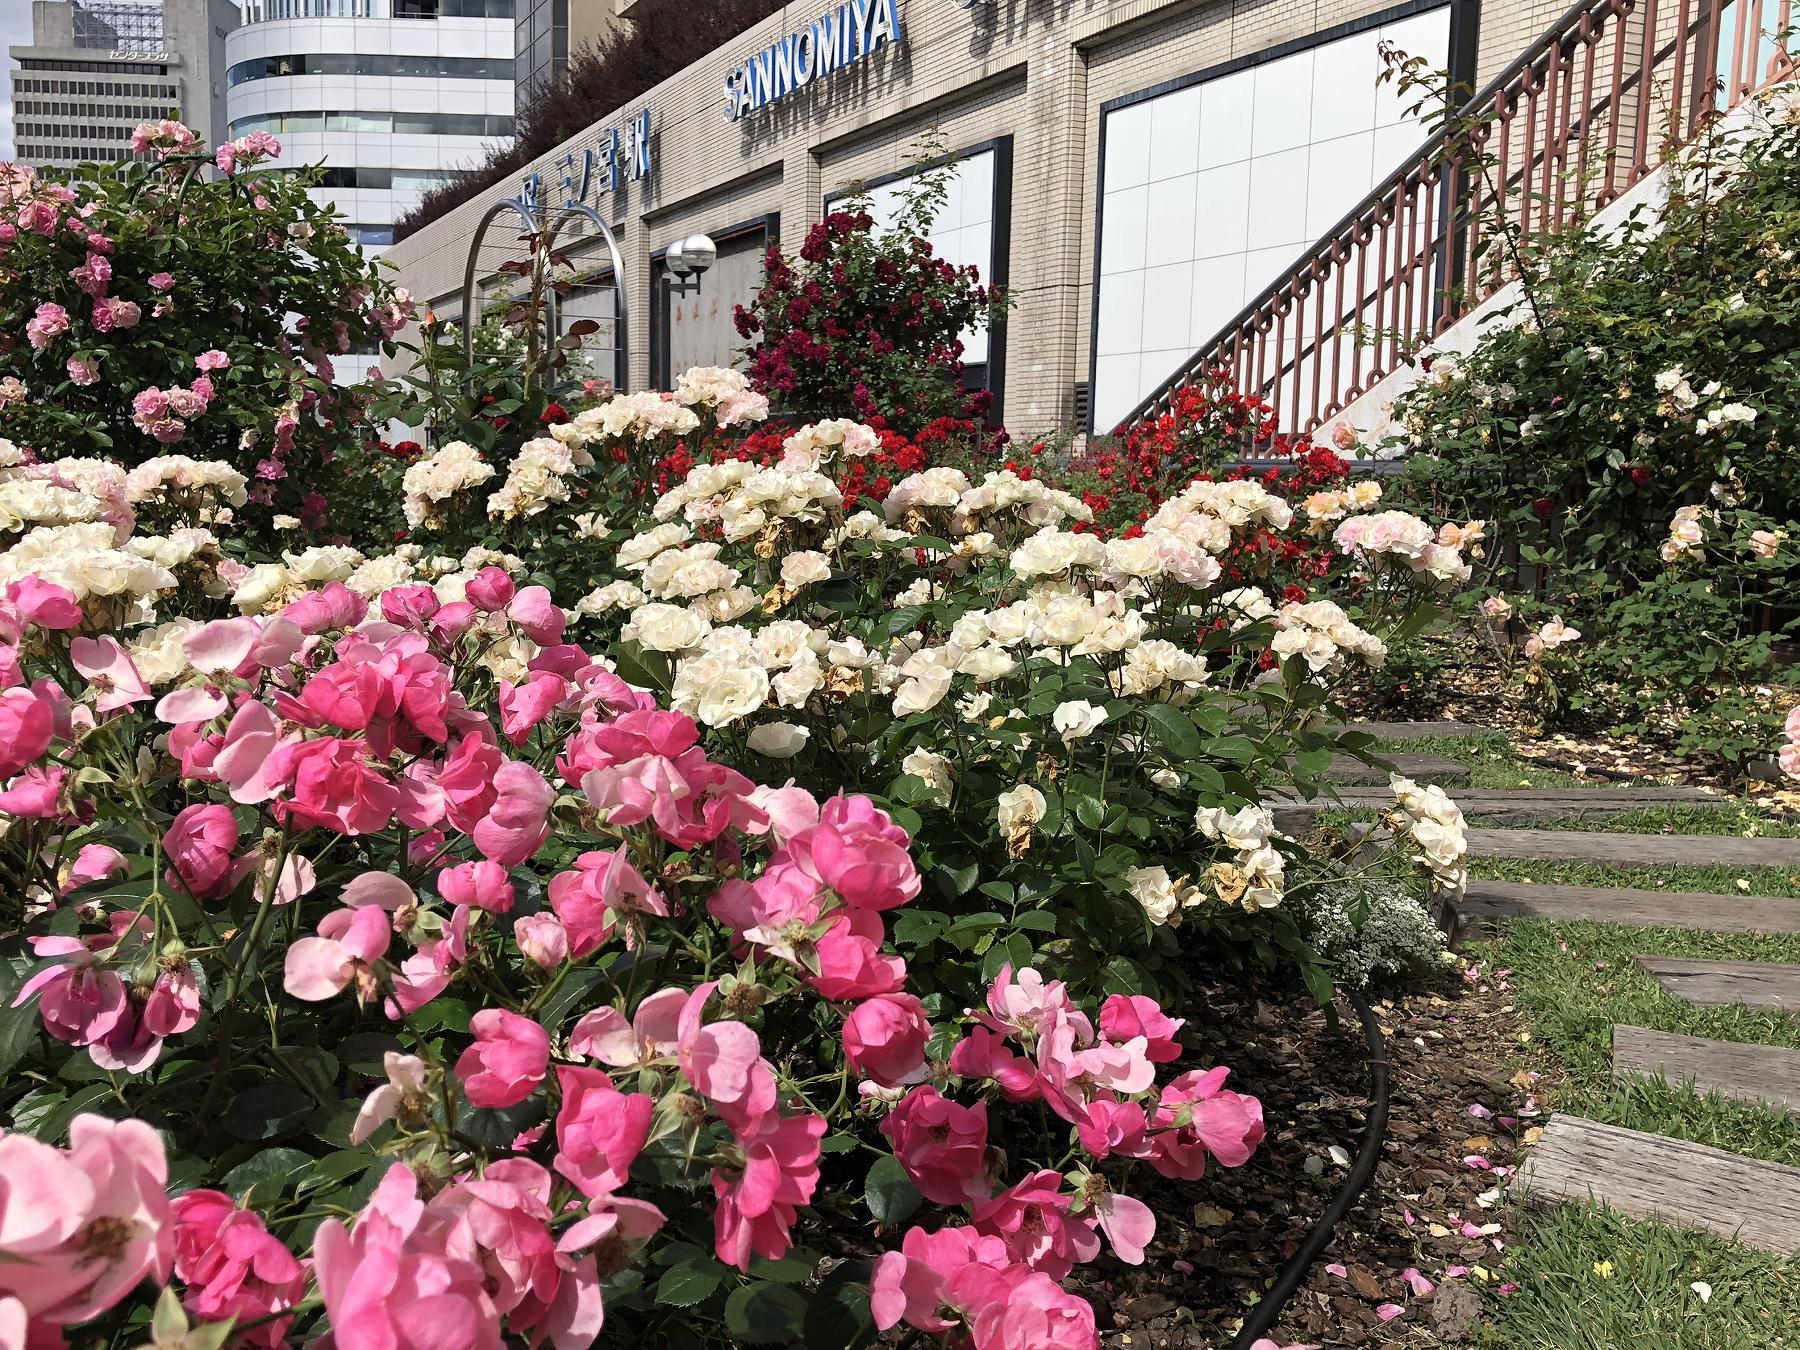 JR三ノ宮駅南側デッキにある「バラ園」はバラが満開だよ! #JR三ノ宮駅 #神戸観光 #ふれあい花壇 #三宮ターミナルホテル